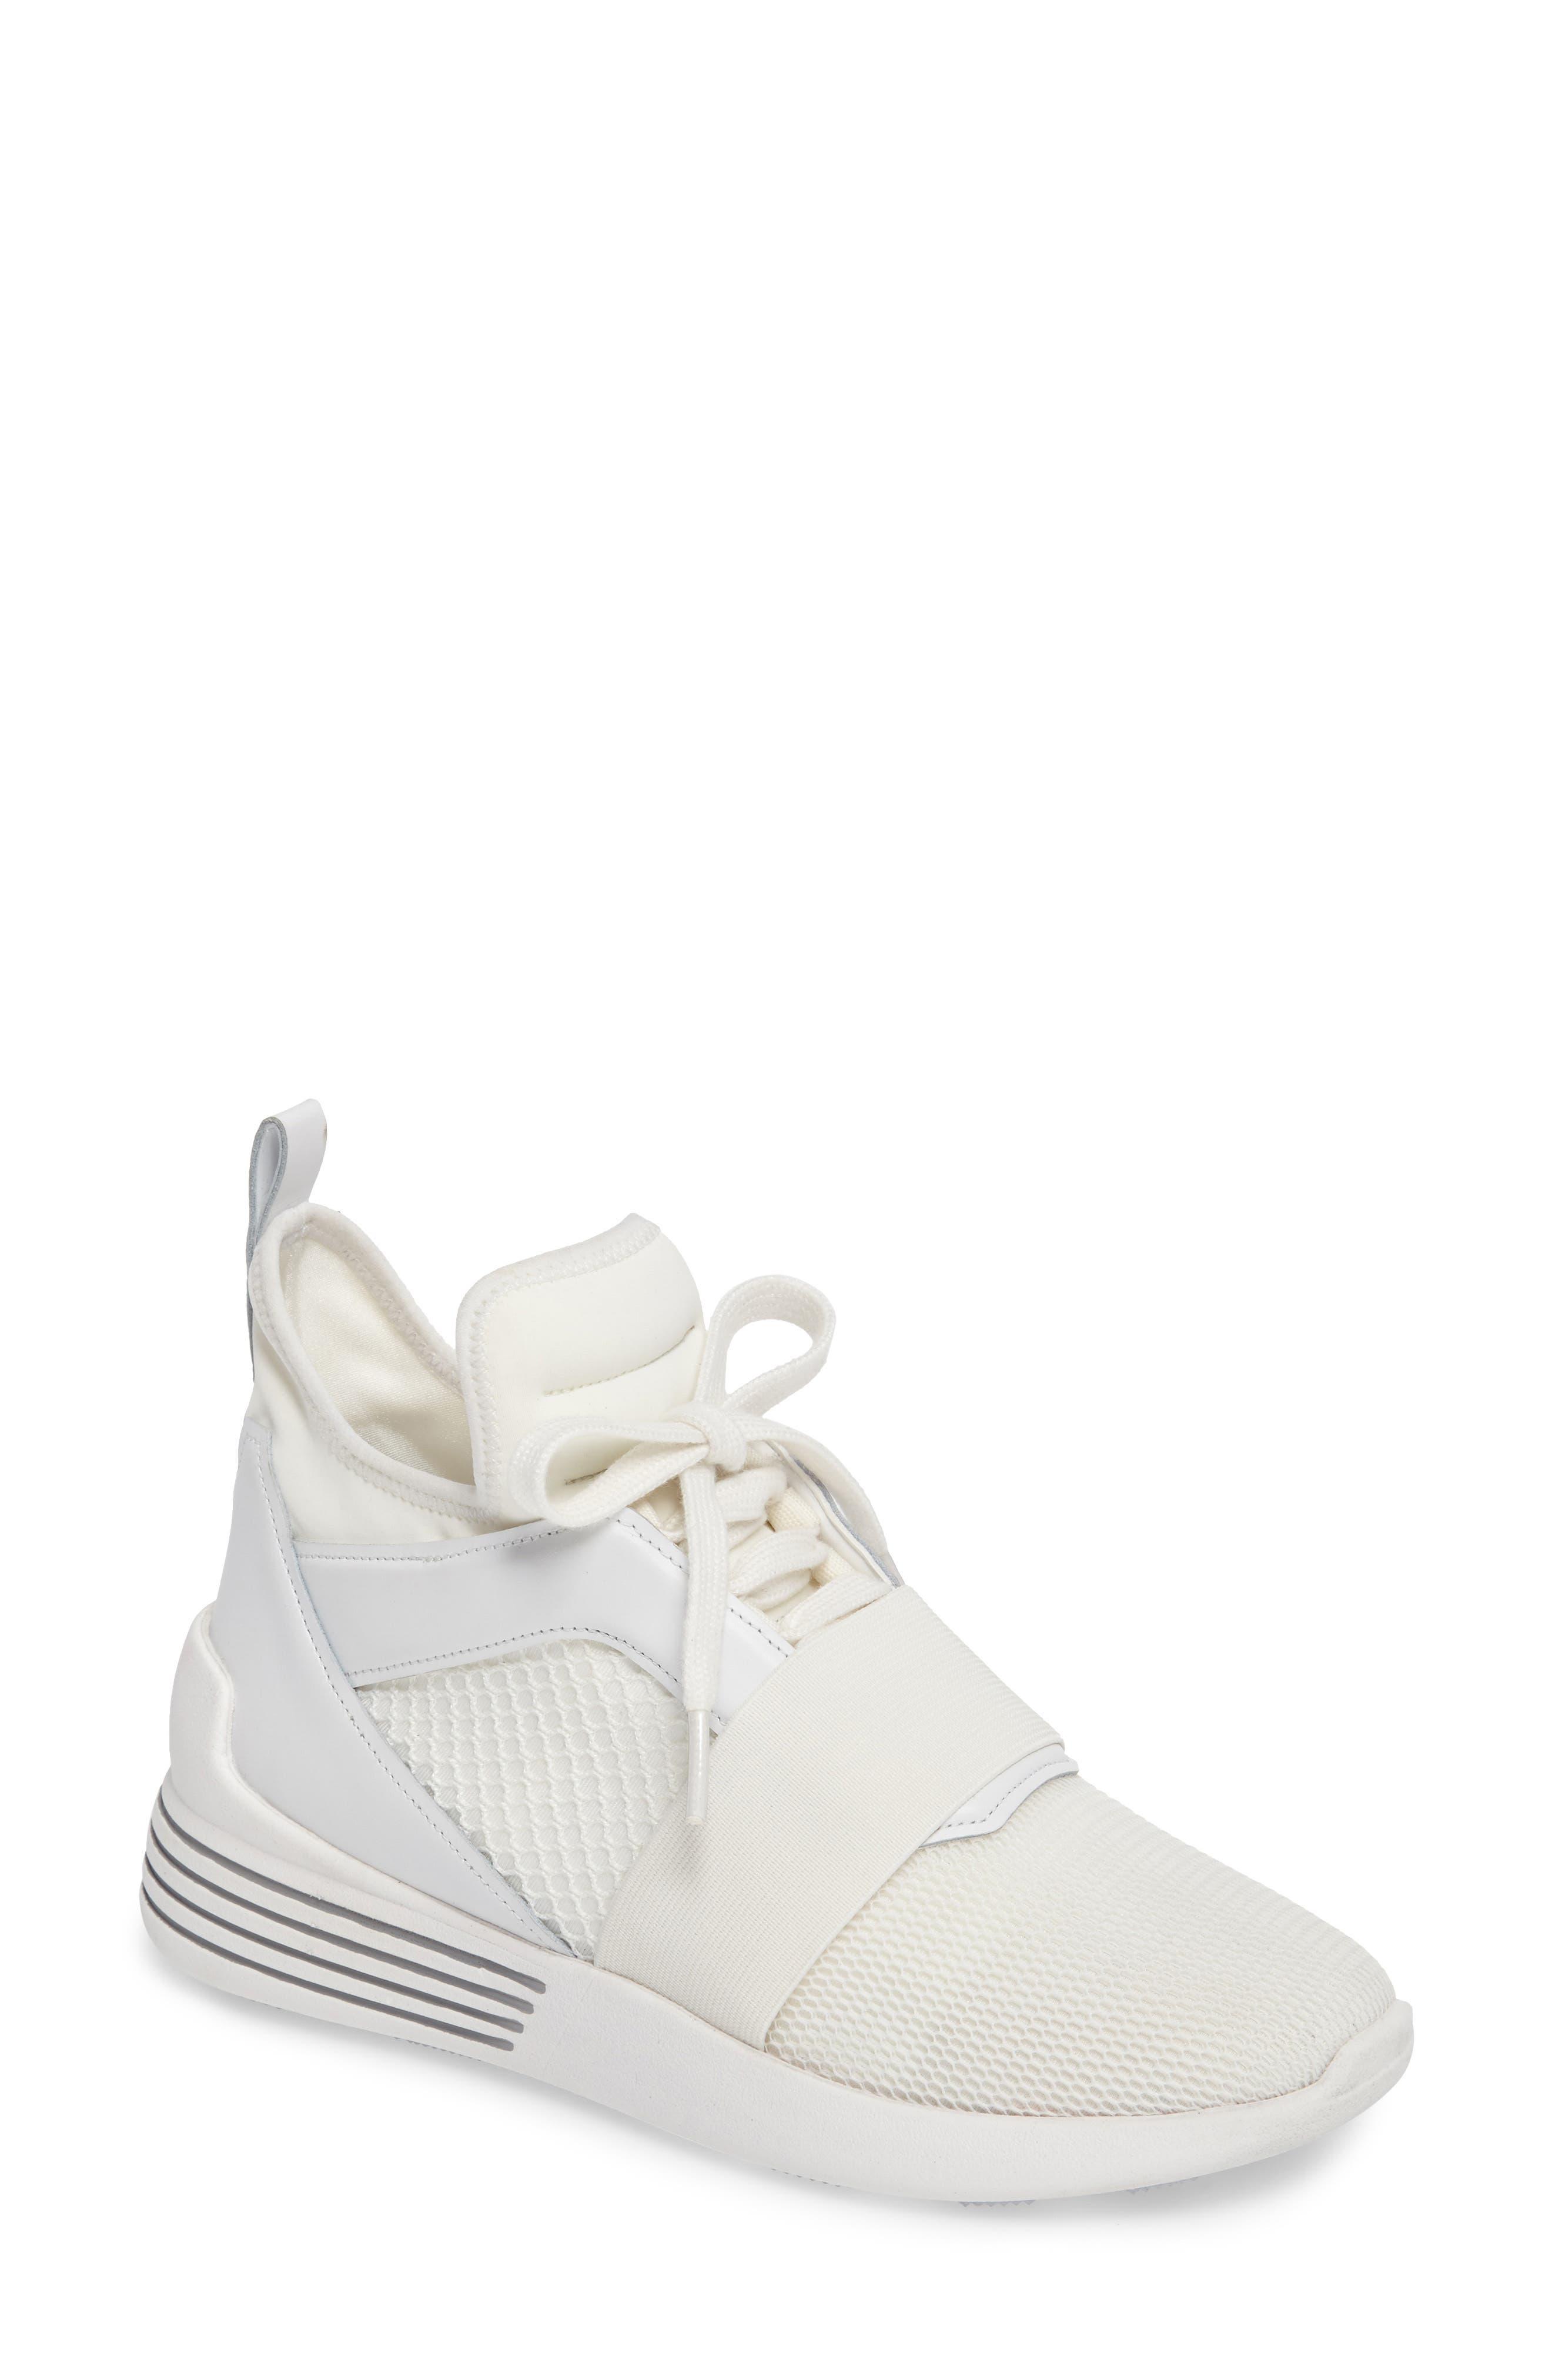 KENDALL + KYLIE Braydin Hidden Wedge Sneaker